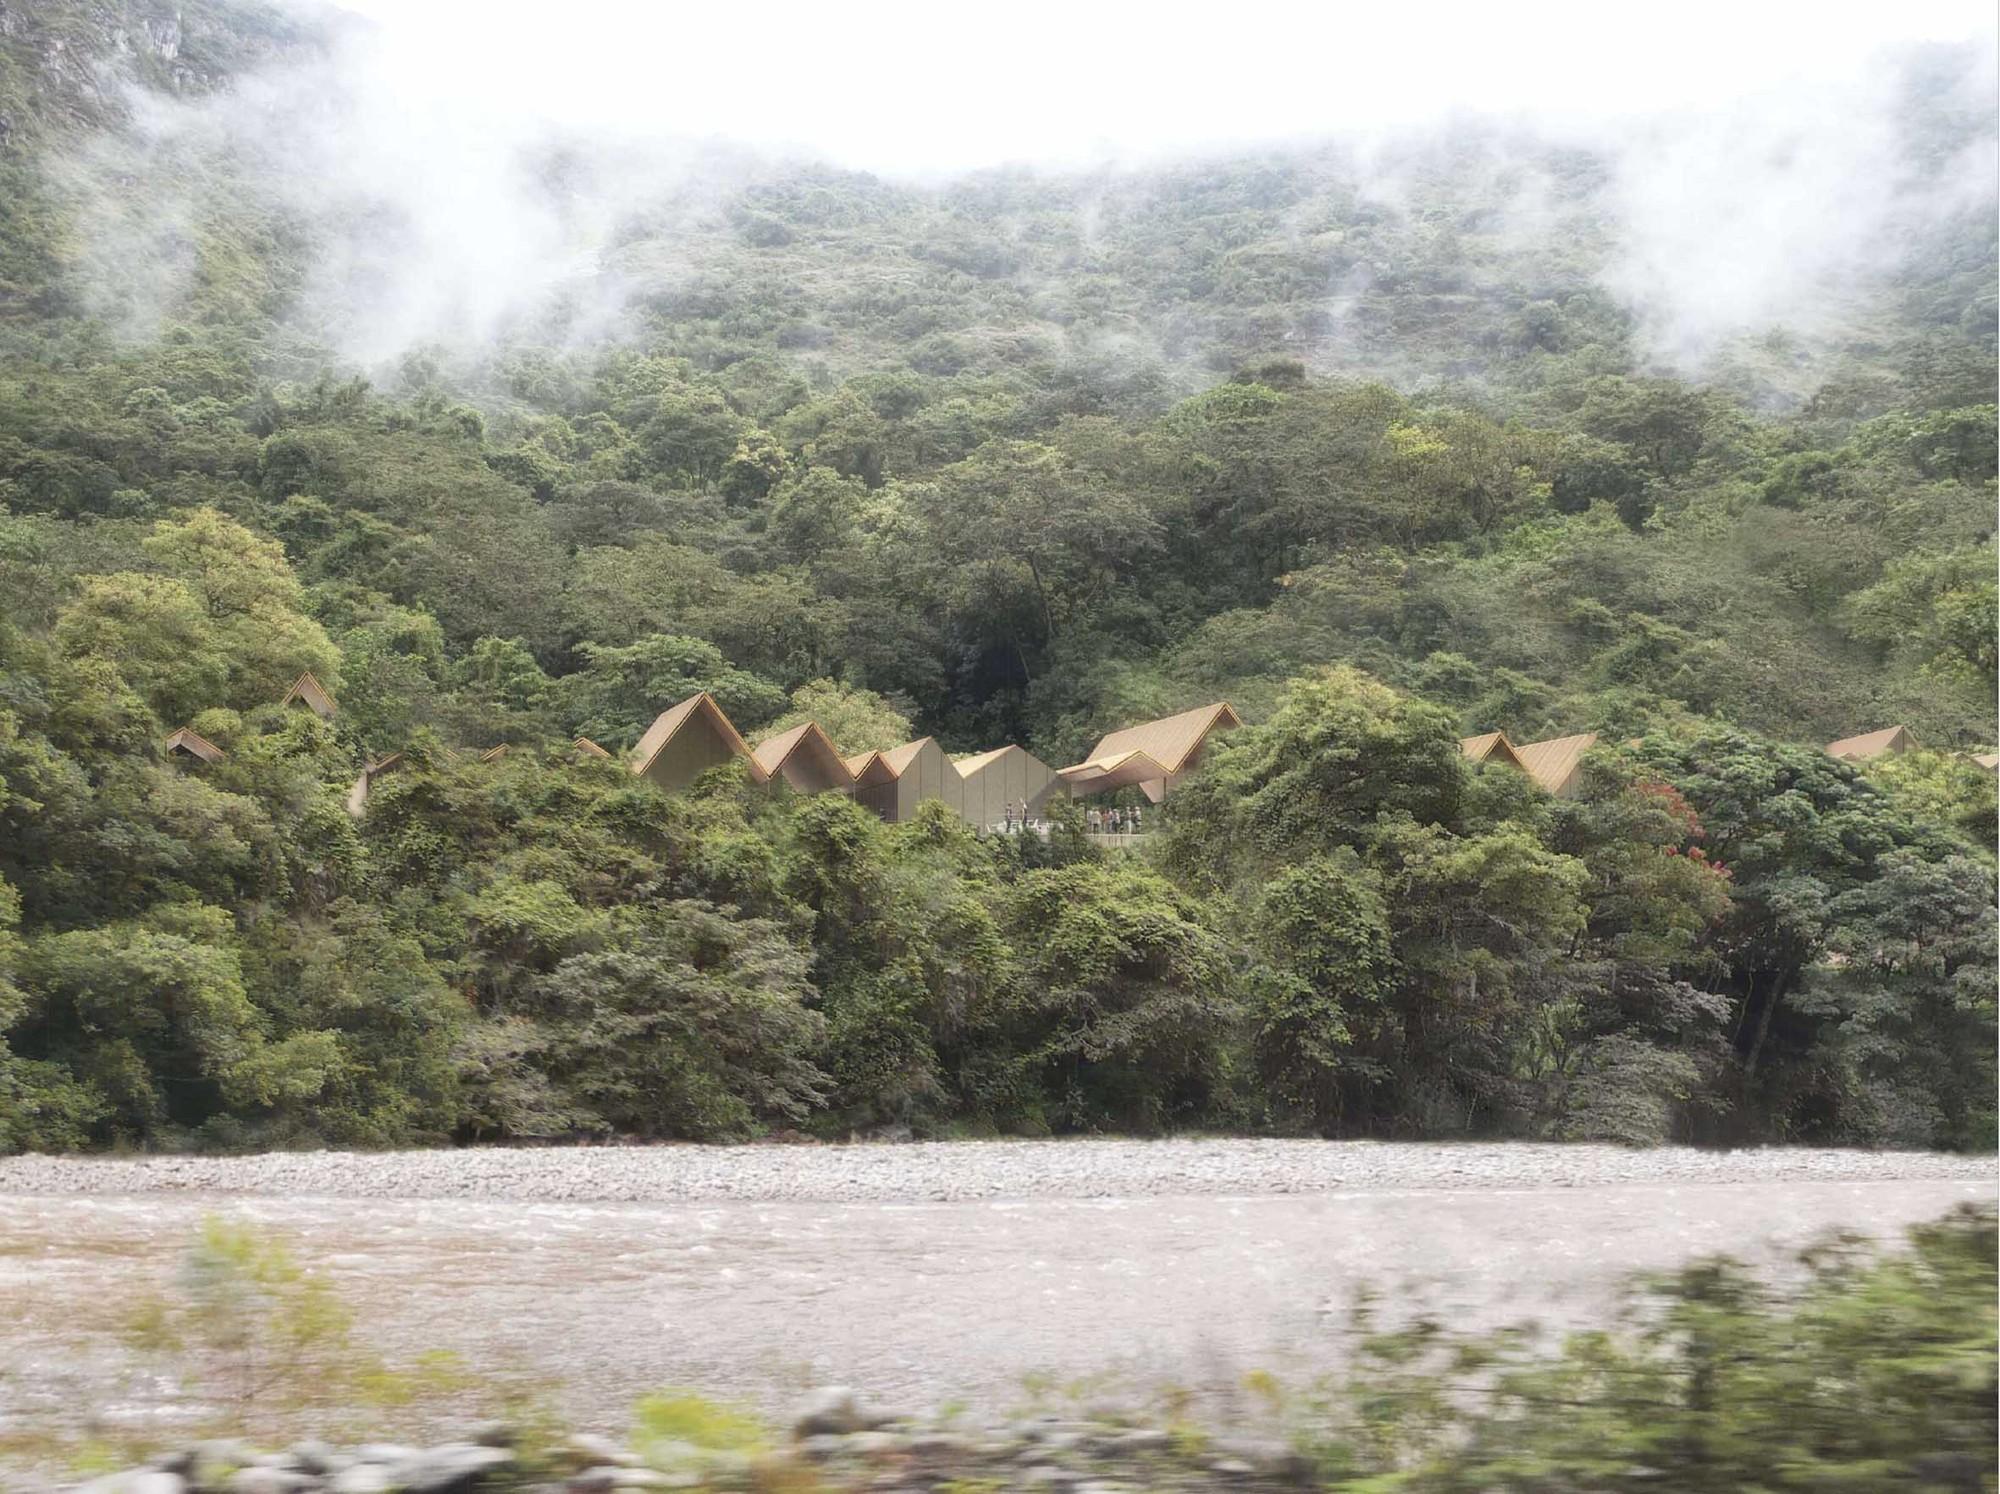 Mención Honrosa en concurso de ideas para futuras intervenciones en Machu Picchu / Perú, Courtesy of FD Arquitectos + Abalosllopis Arquitectos